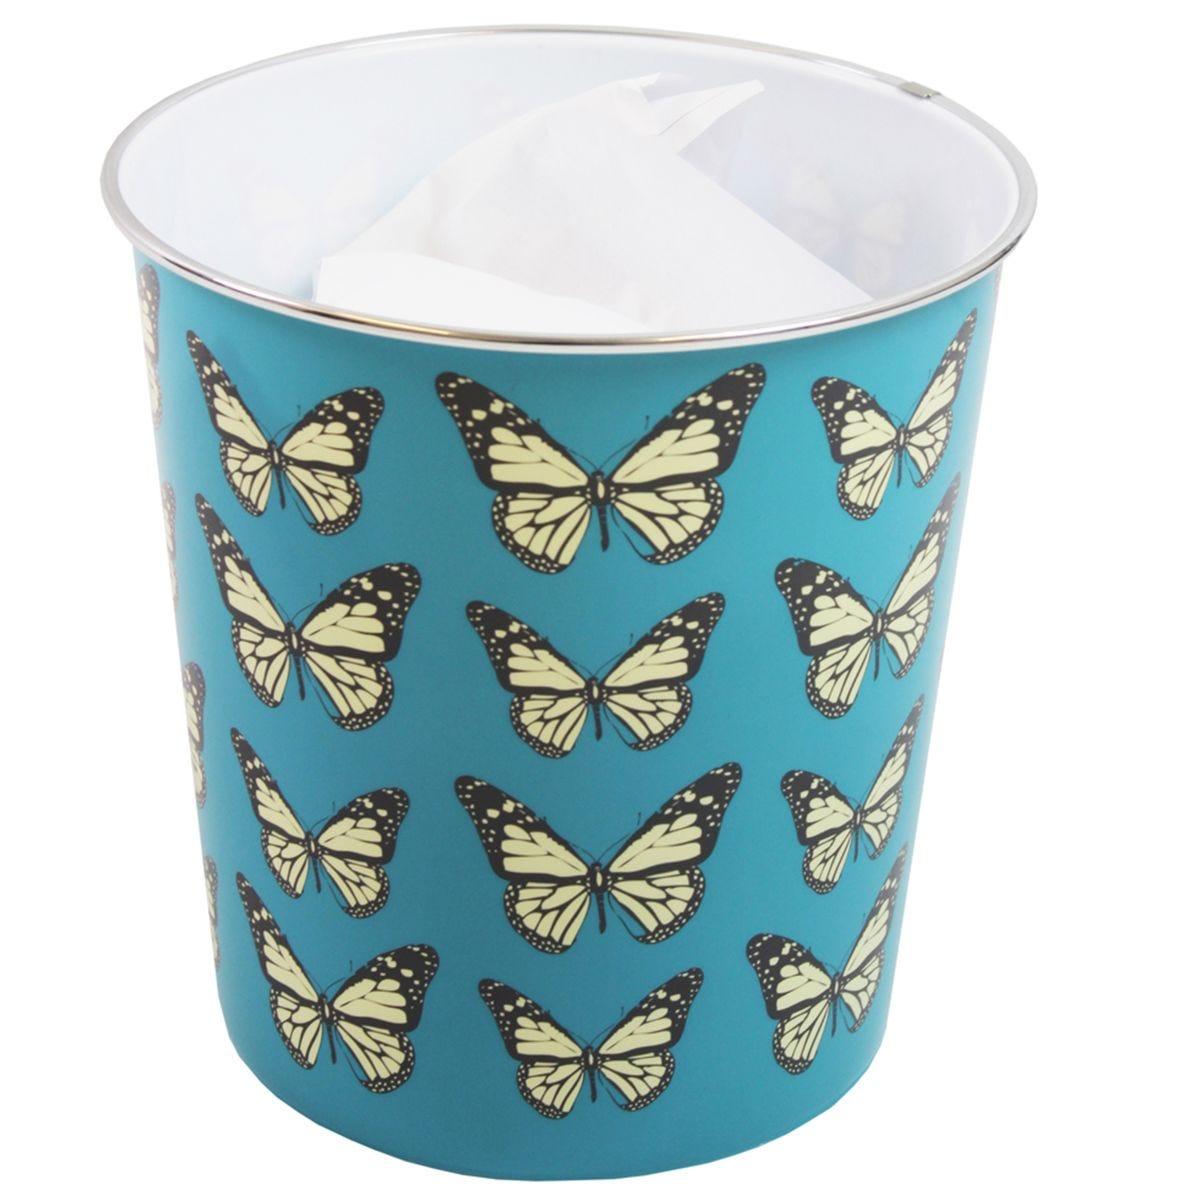 JVL Novelty Plastic Butterfly Waste Paper Bin Blue 25 x 26.5 cm